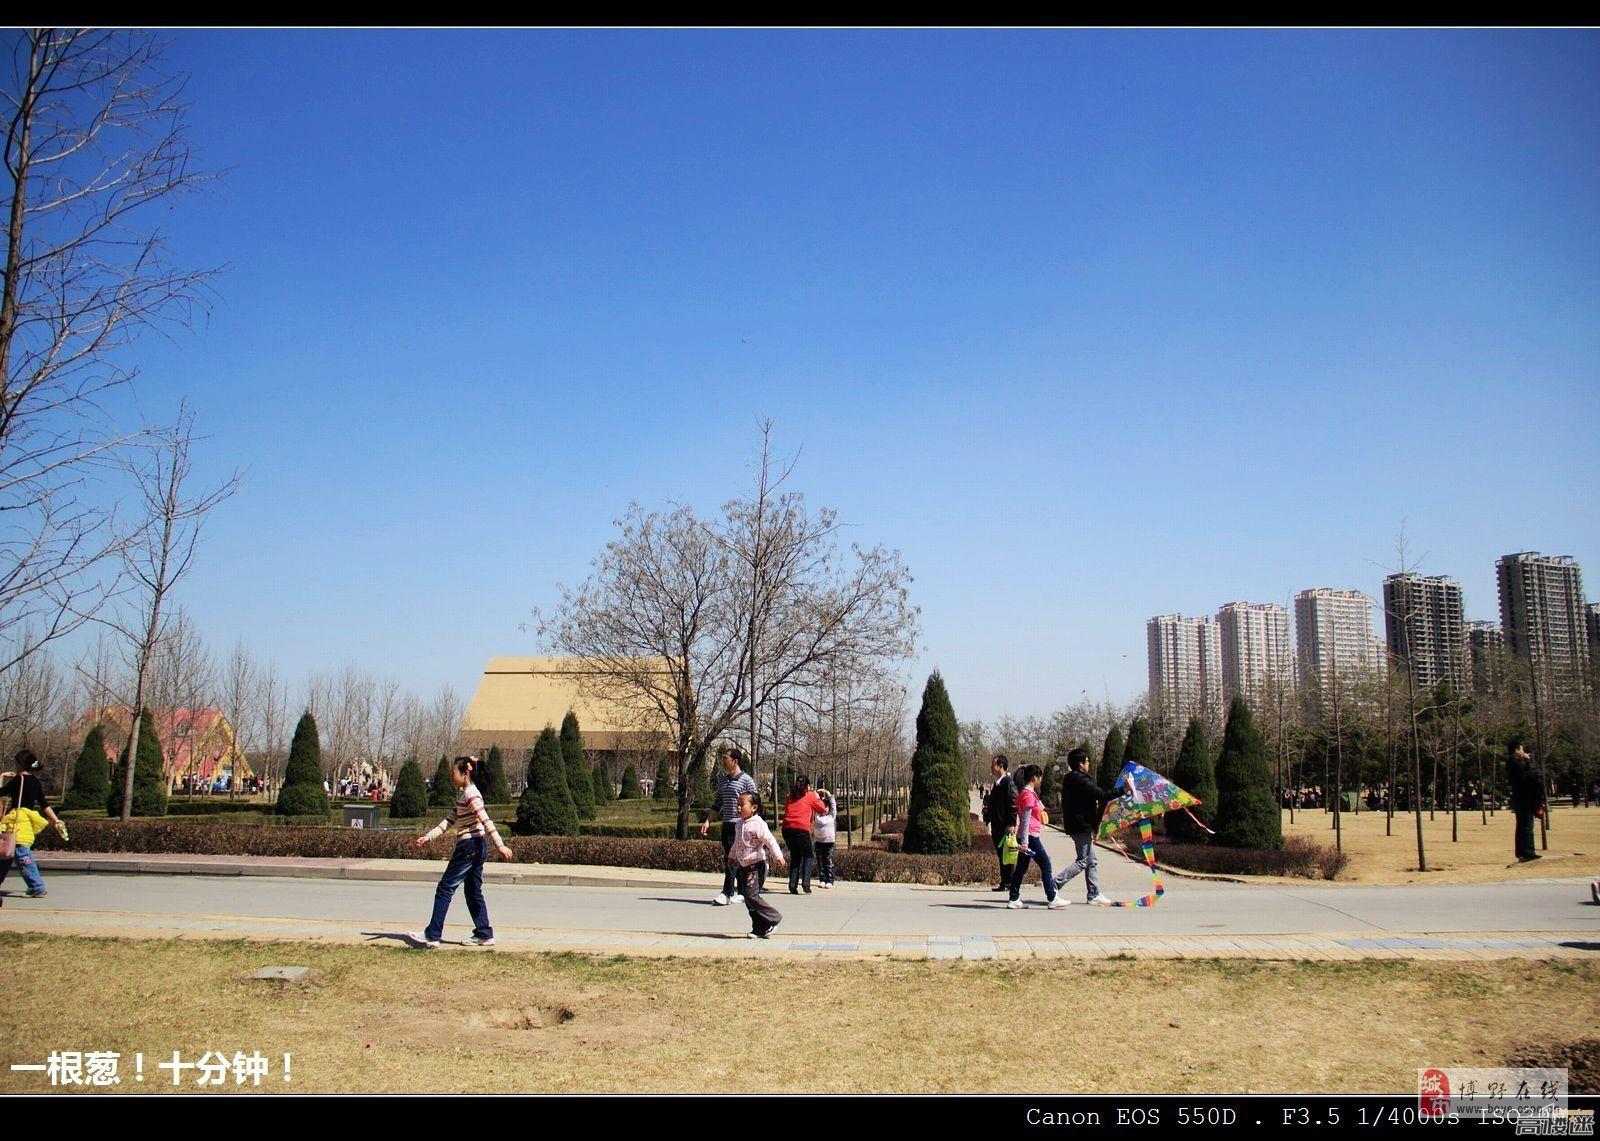 【大葱影像志】几张旧照——2012初春的植物园!